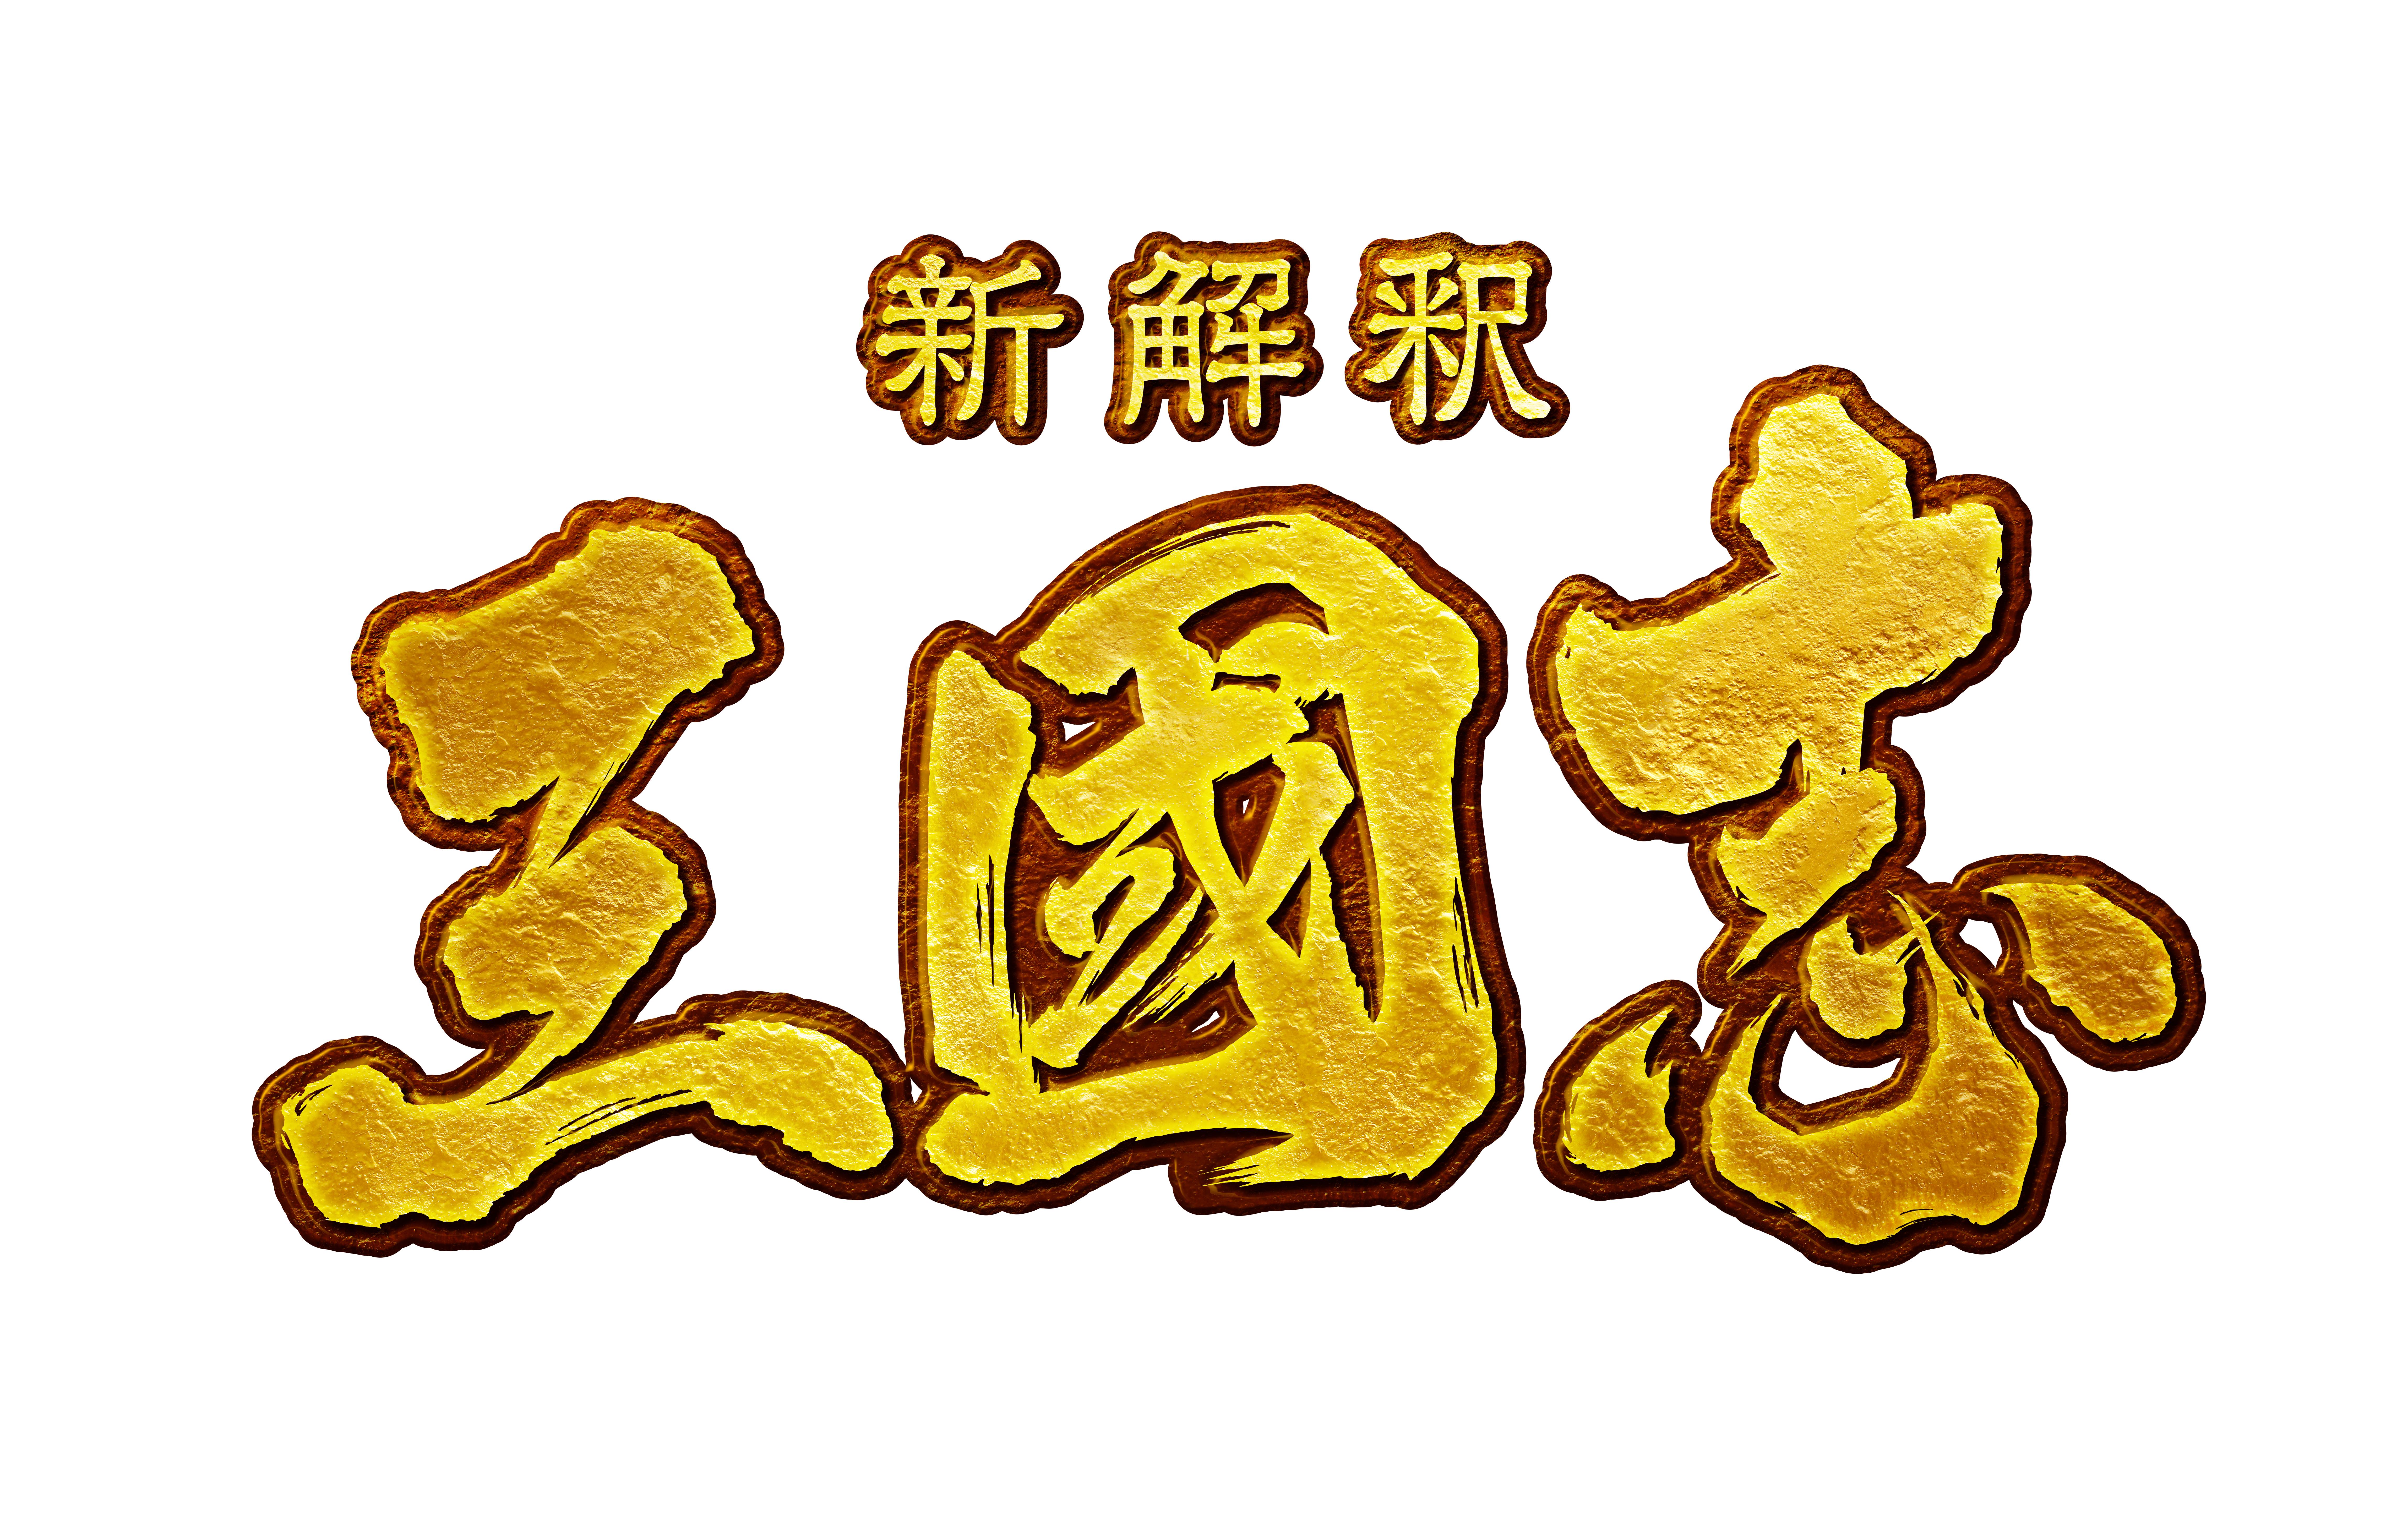 「新解釈・三國志」